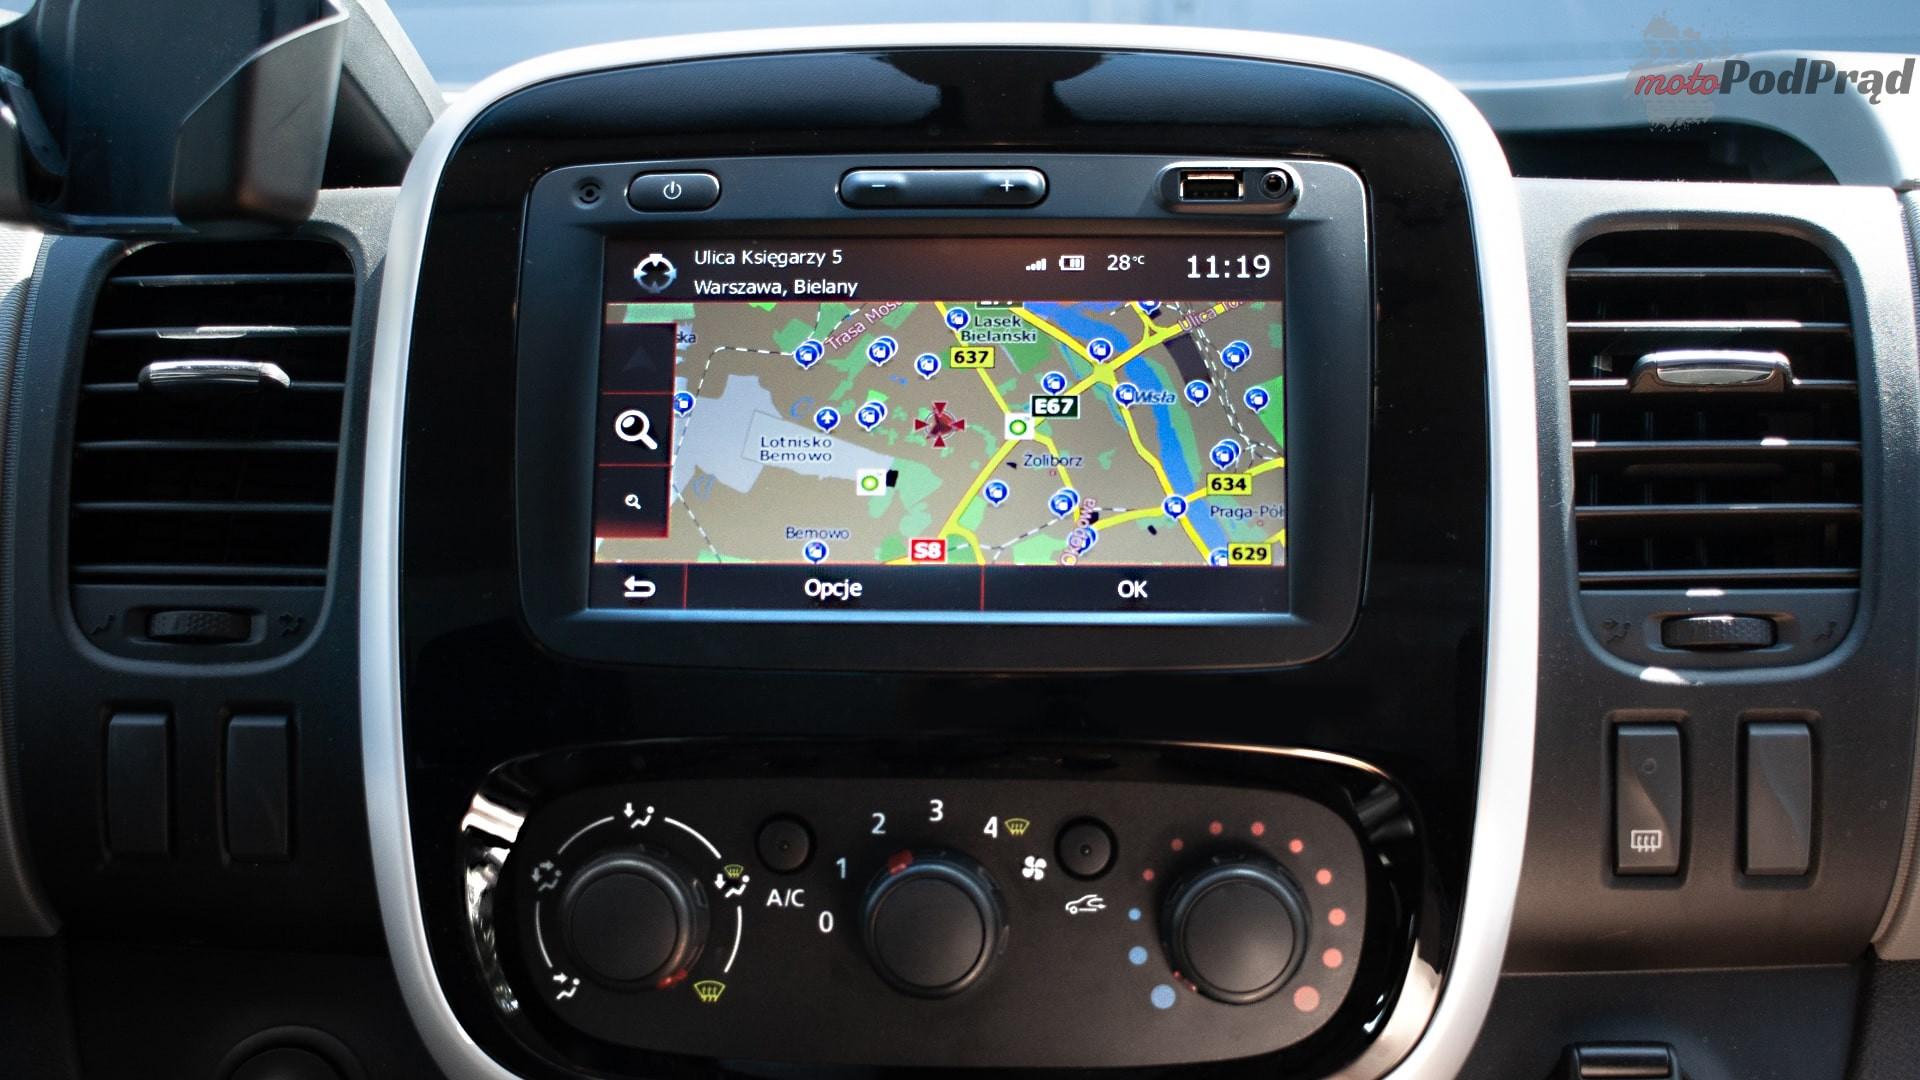 renault trafic 1 Test: Renault Trafic furgon z zabudową Renault Tech – mobilny serwis